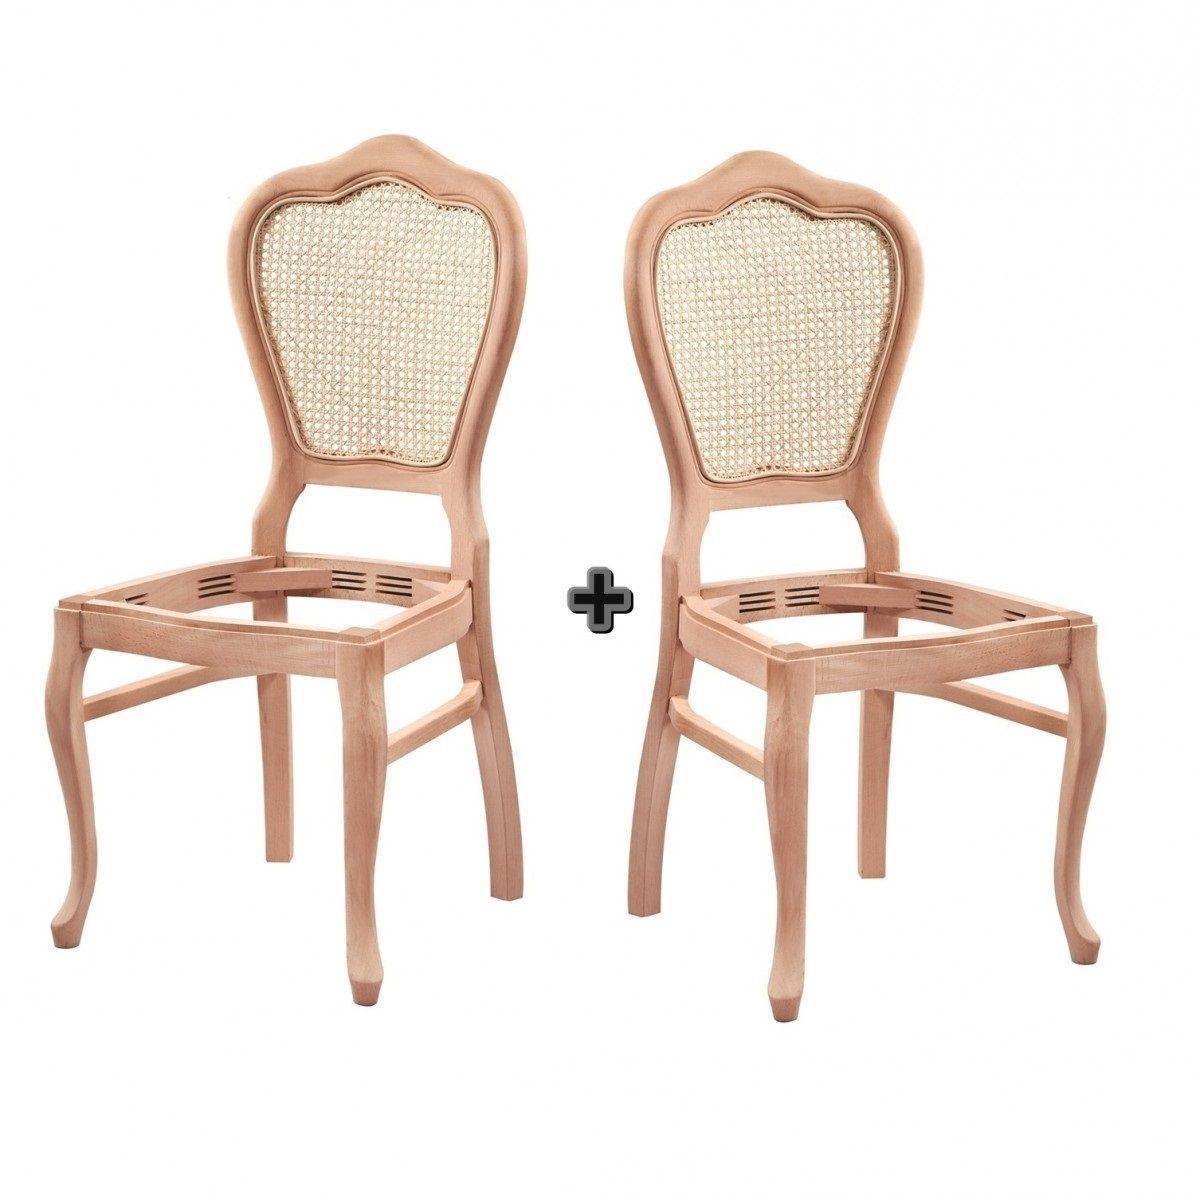 klasik-hasirli-lukens-ayak-sandalye-ardic-mobilya-aksesuar-ahsap-hasir-sandalye-42224